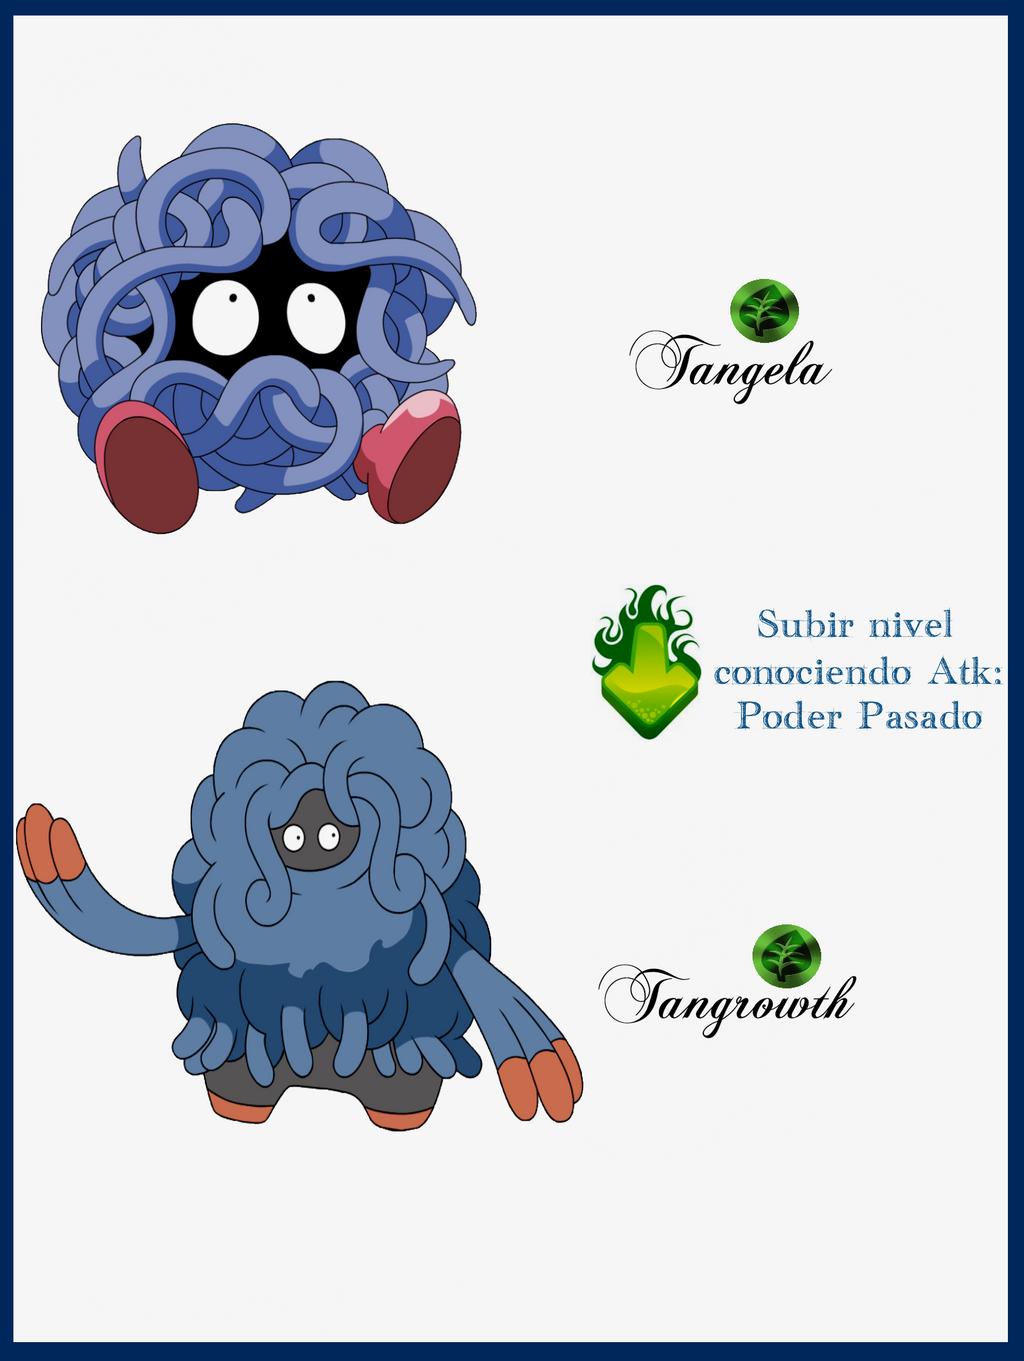 Pokemon Tangela Images | Pokemon Images